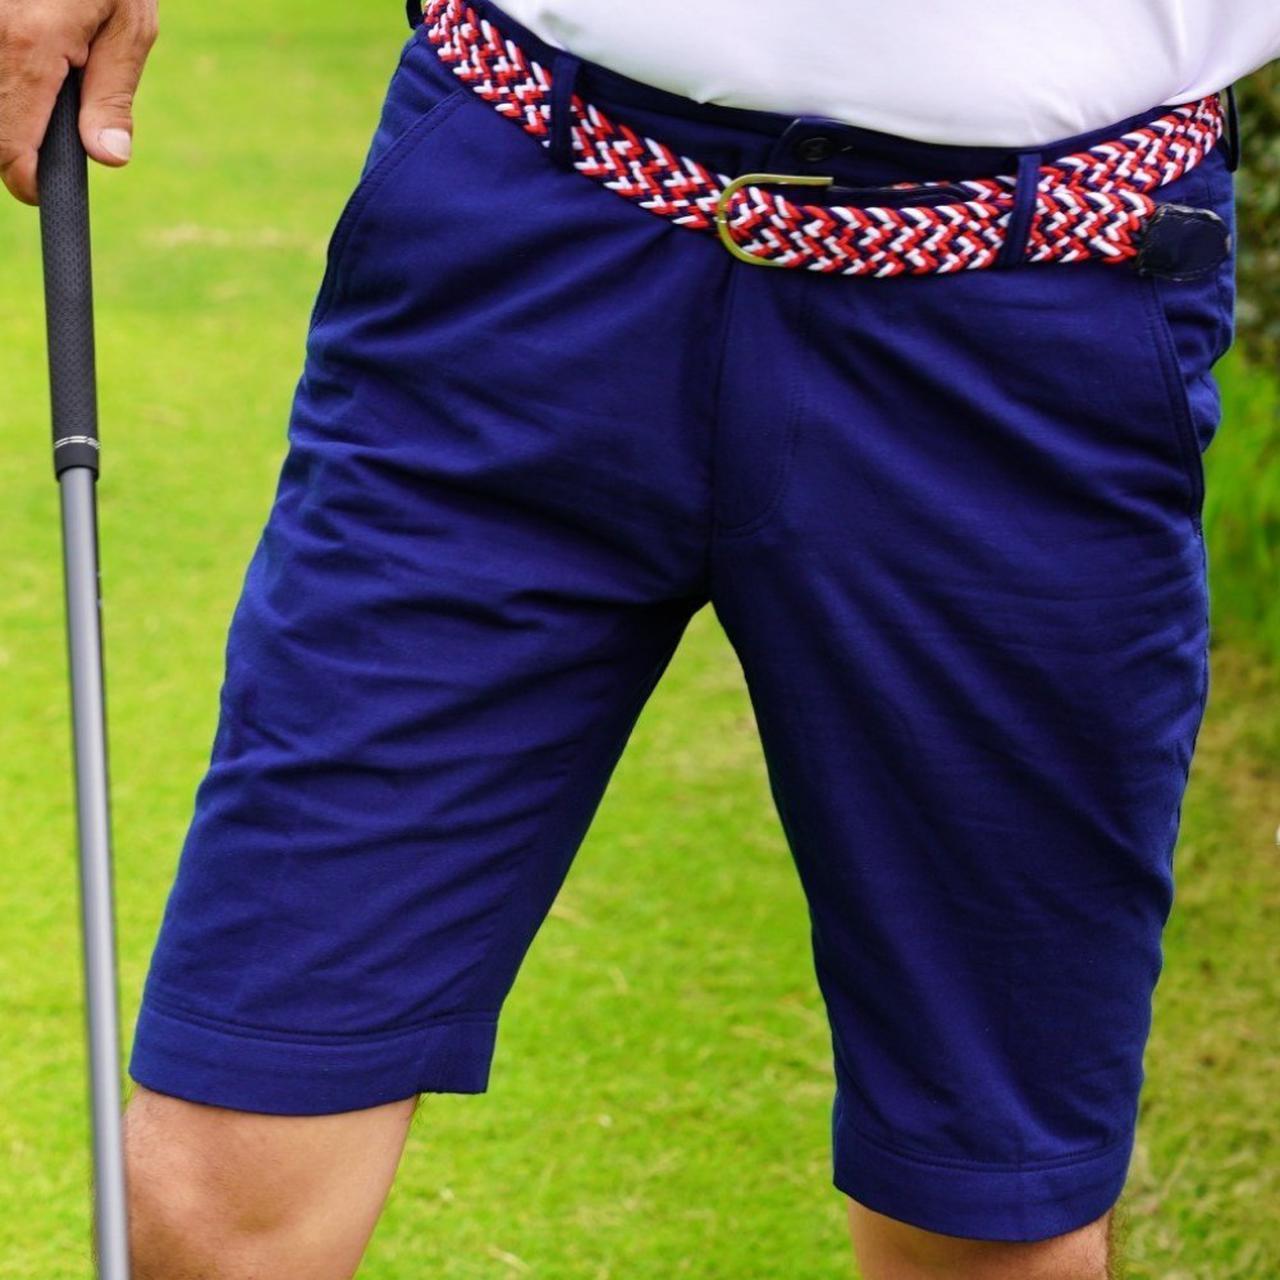 画像: New!【名門コースの夏ゴルフにも】履くタオル ゴルフ用ハーフパンツ|ゴルフダイジェスト公式通販サイト「ゴルフポケット」